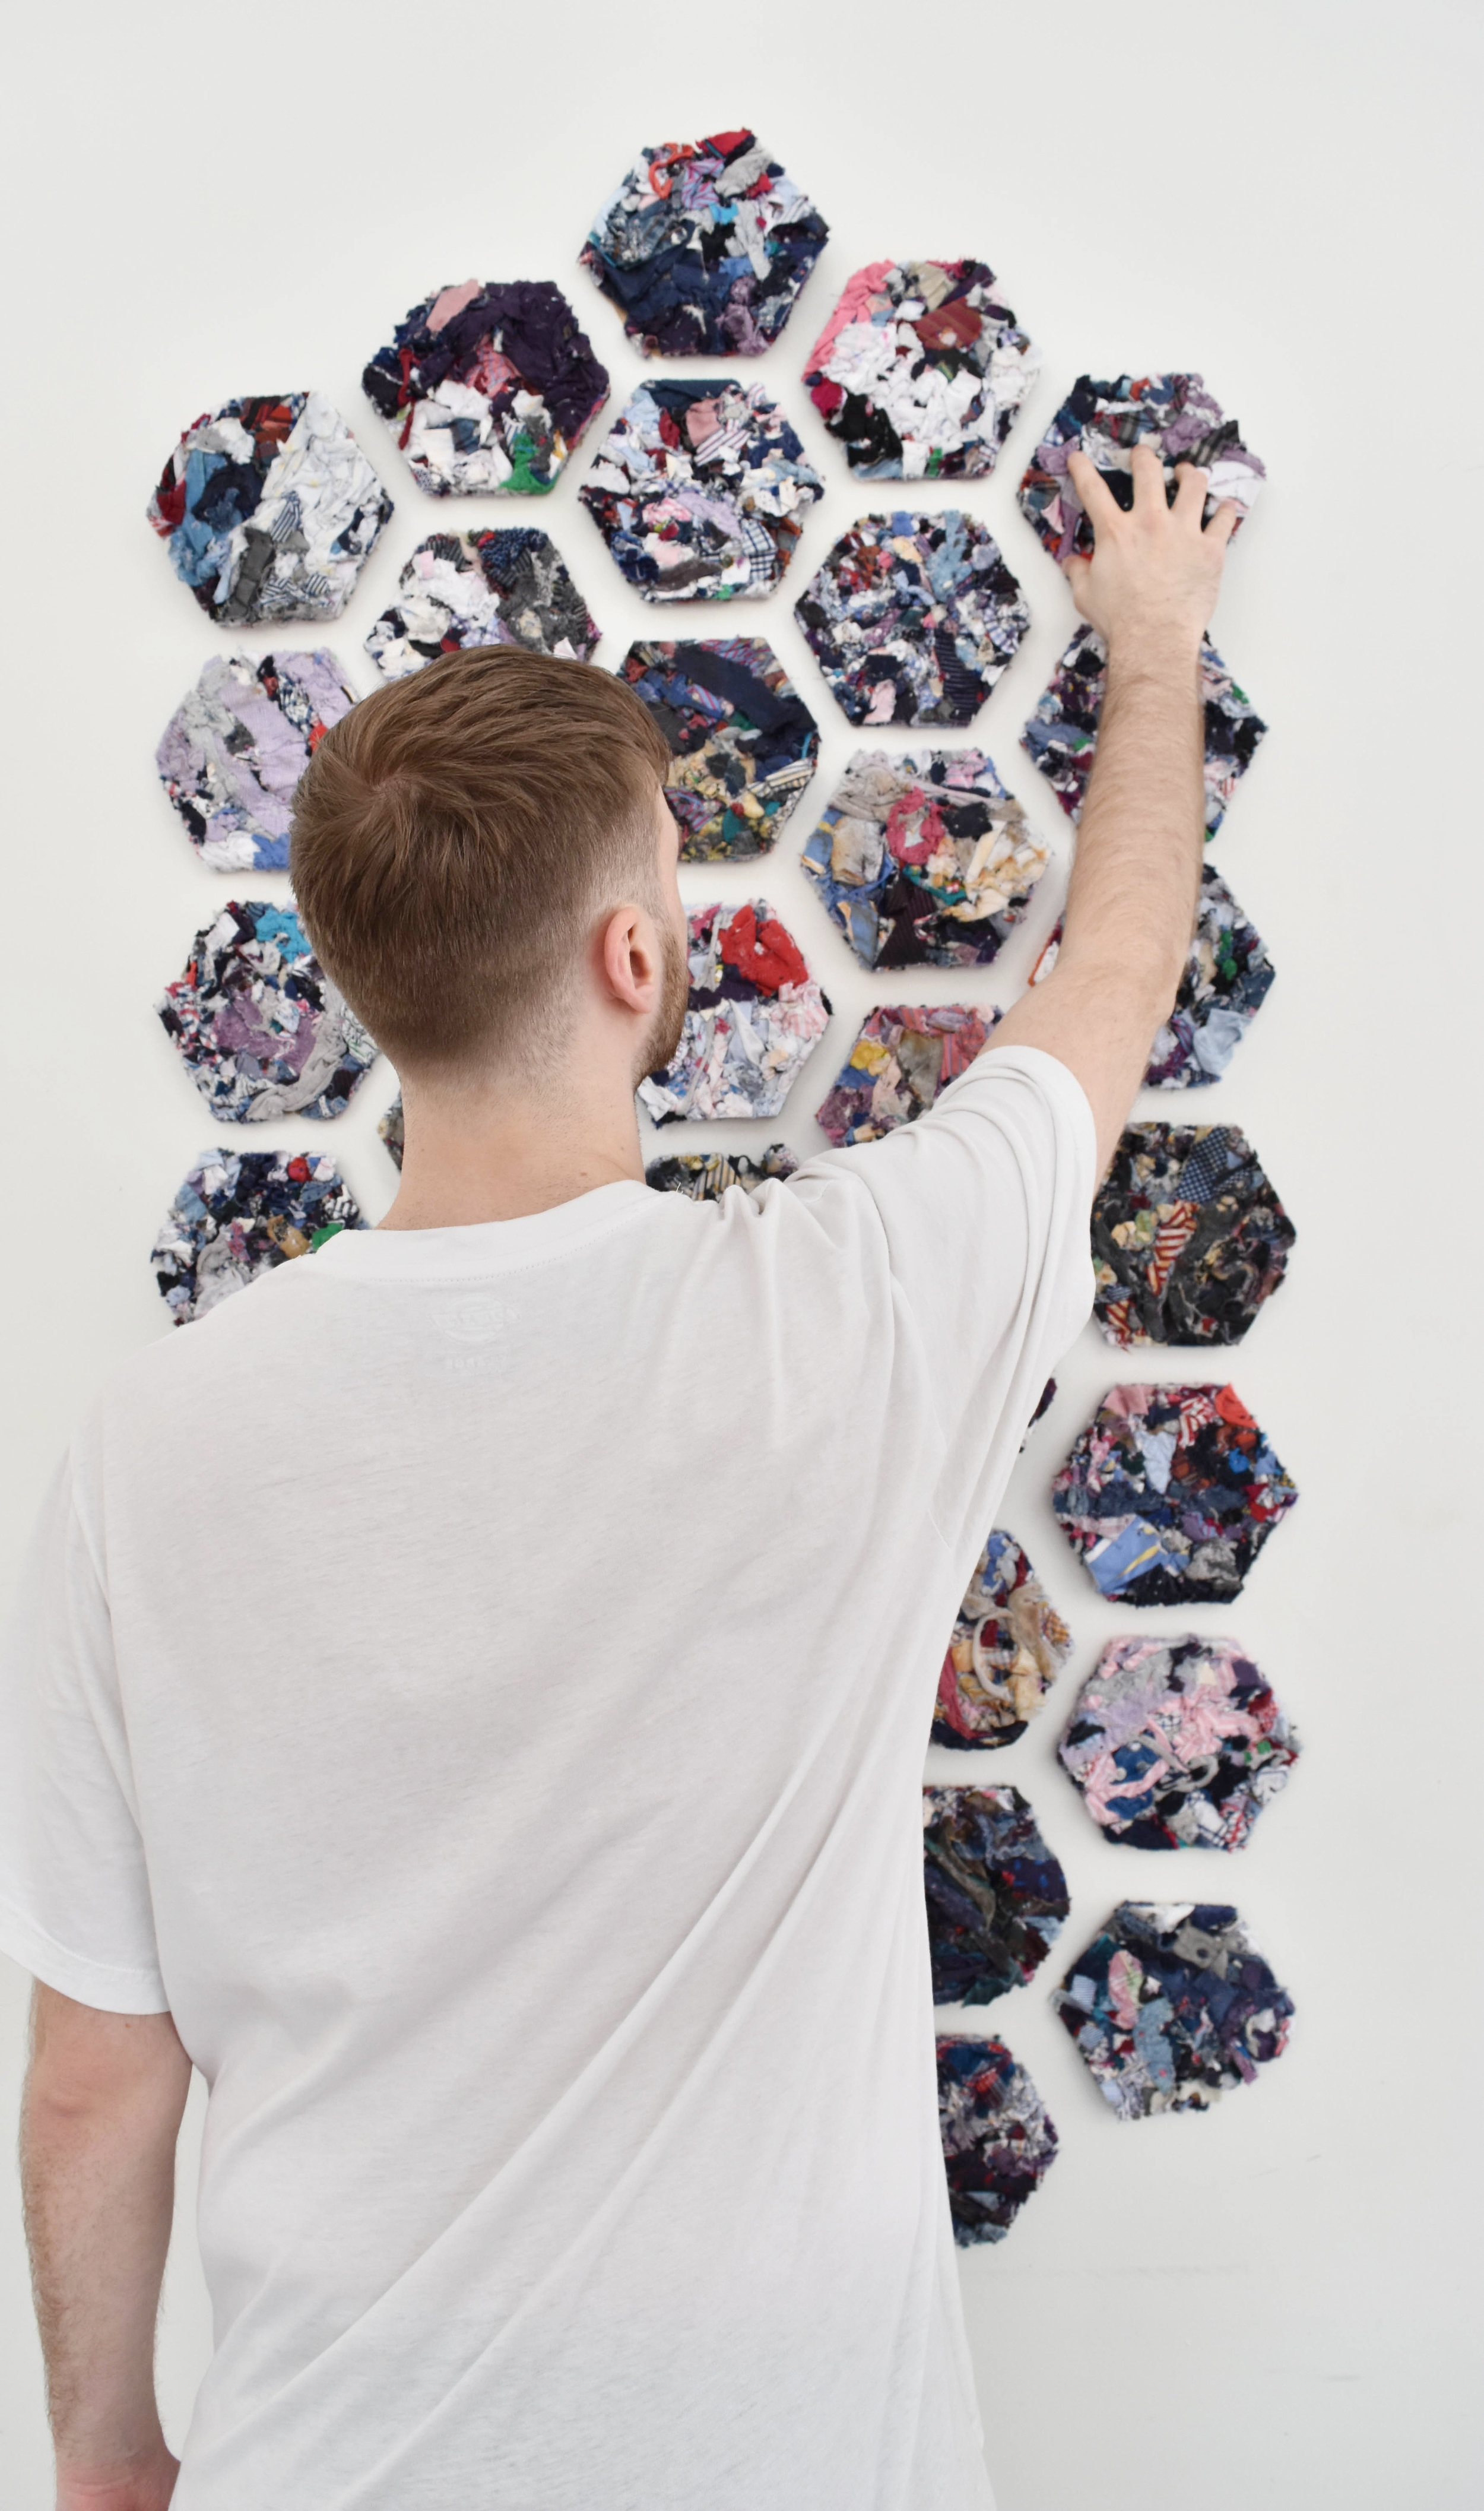 Tiles On White Wall 1.jpg